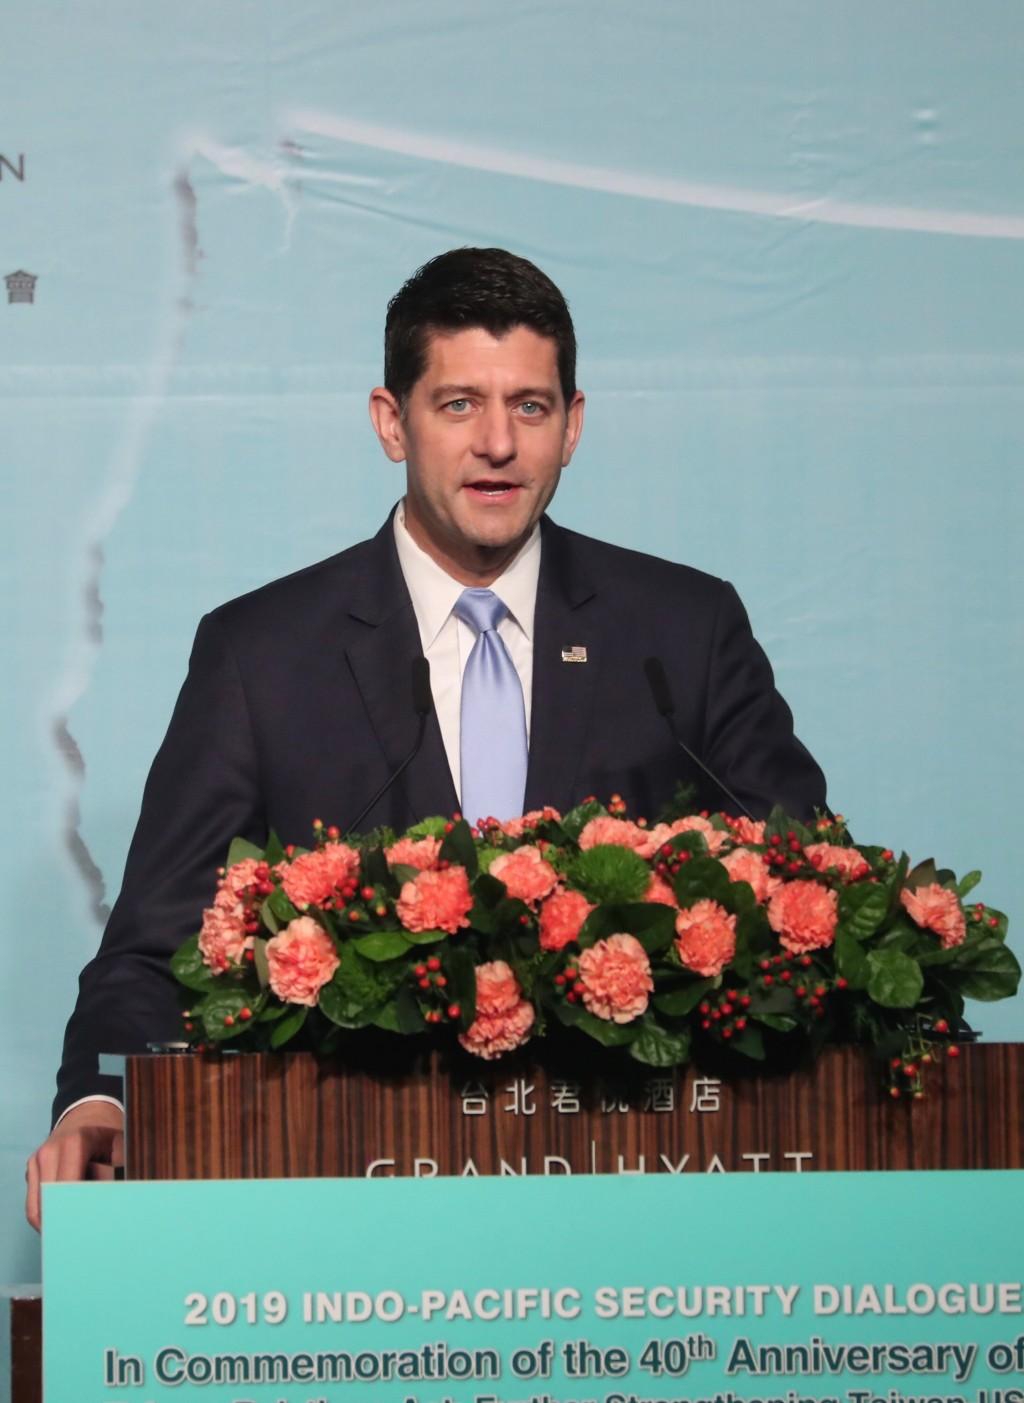 美國聯邦眾議院前議長萊恩(Paul Ryan)(圖)16日 在台北,出席「2019印太安全對話開幕典禮」。 中央社記者吳家昇攝  10